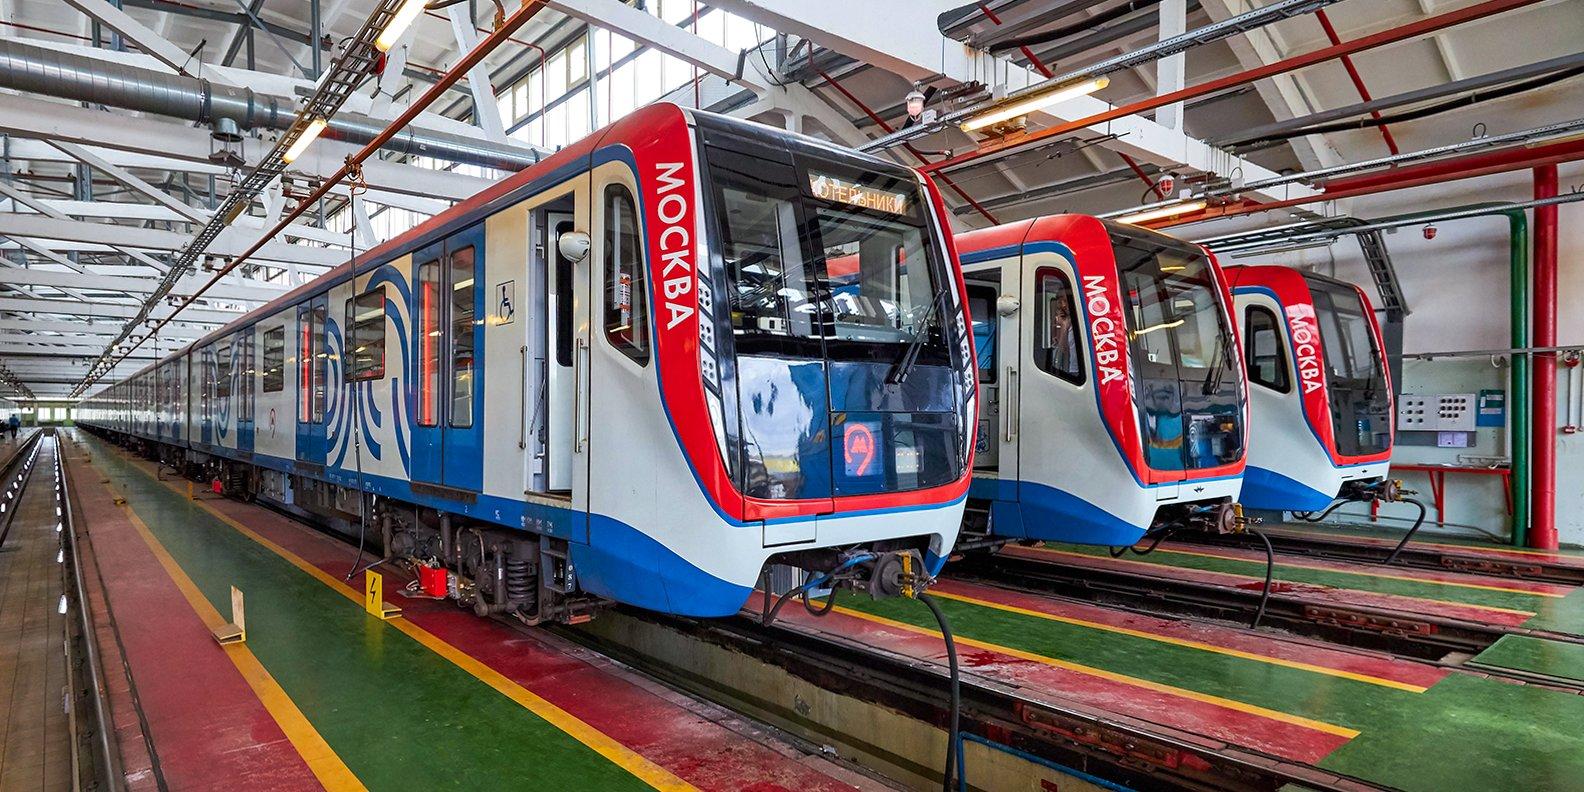 В московской подземке появятся 80 новейших поездов